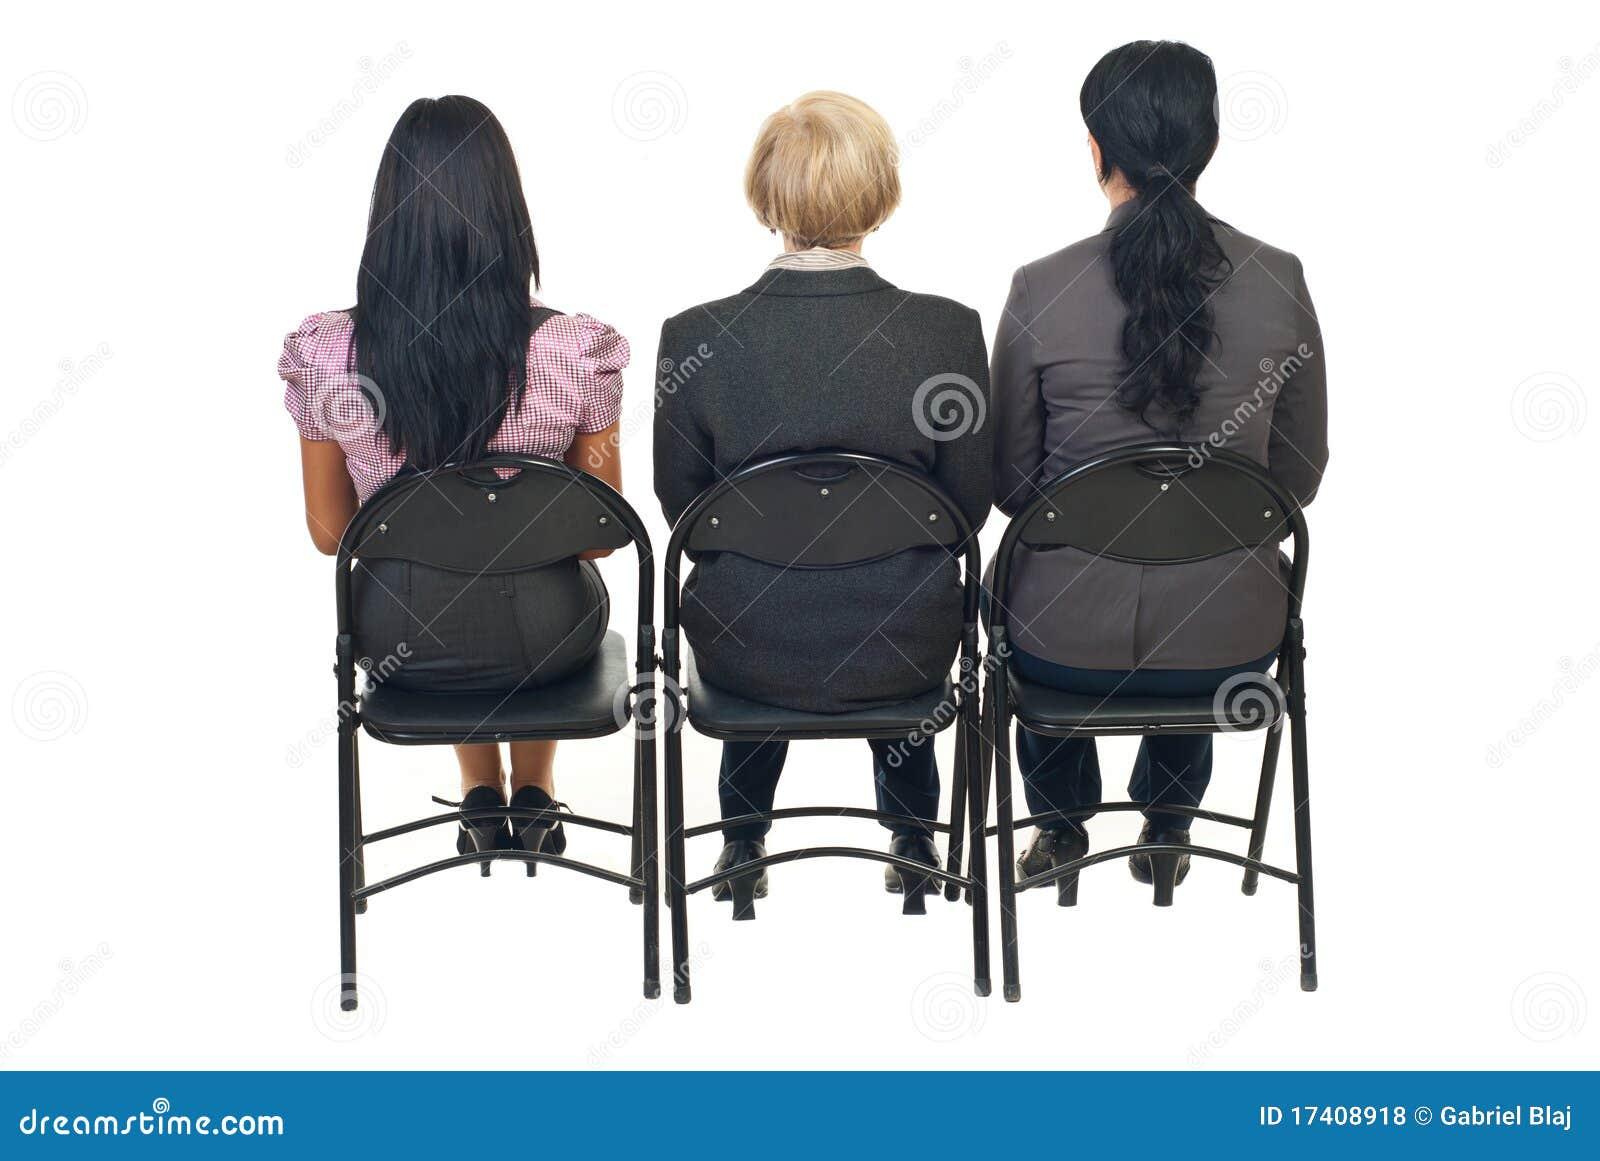 Terug van drie vrouwen bij presentatie